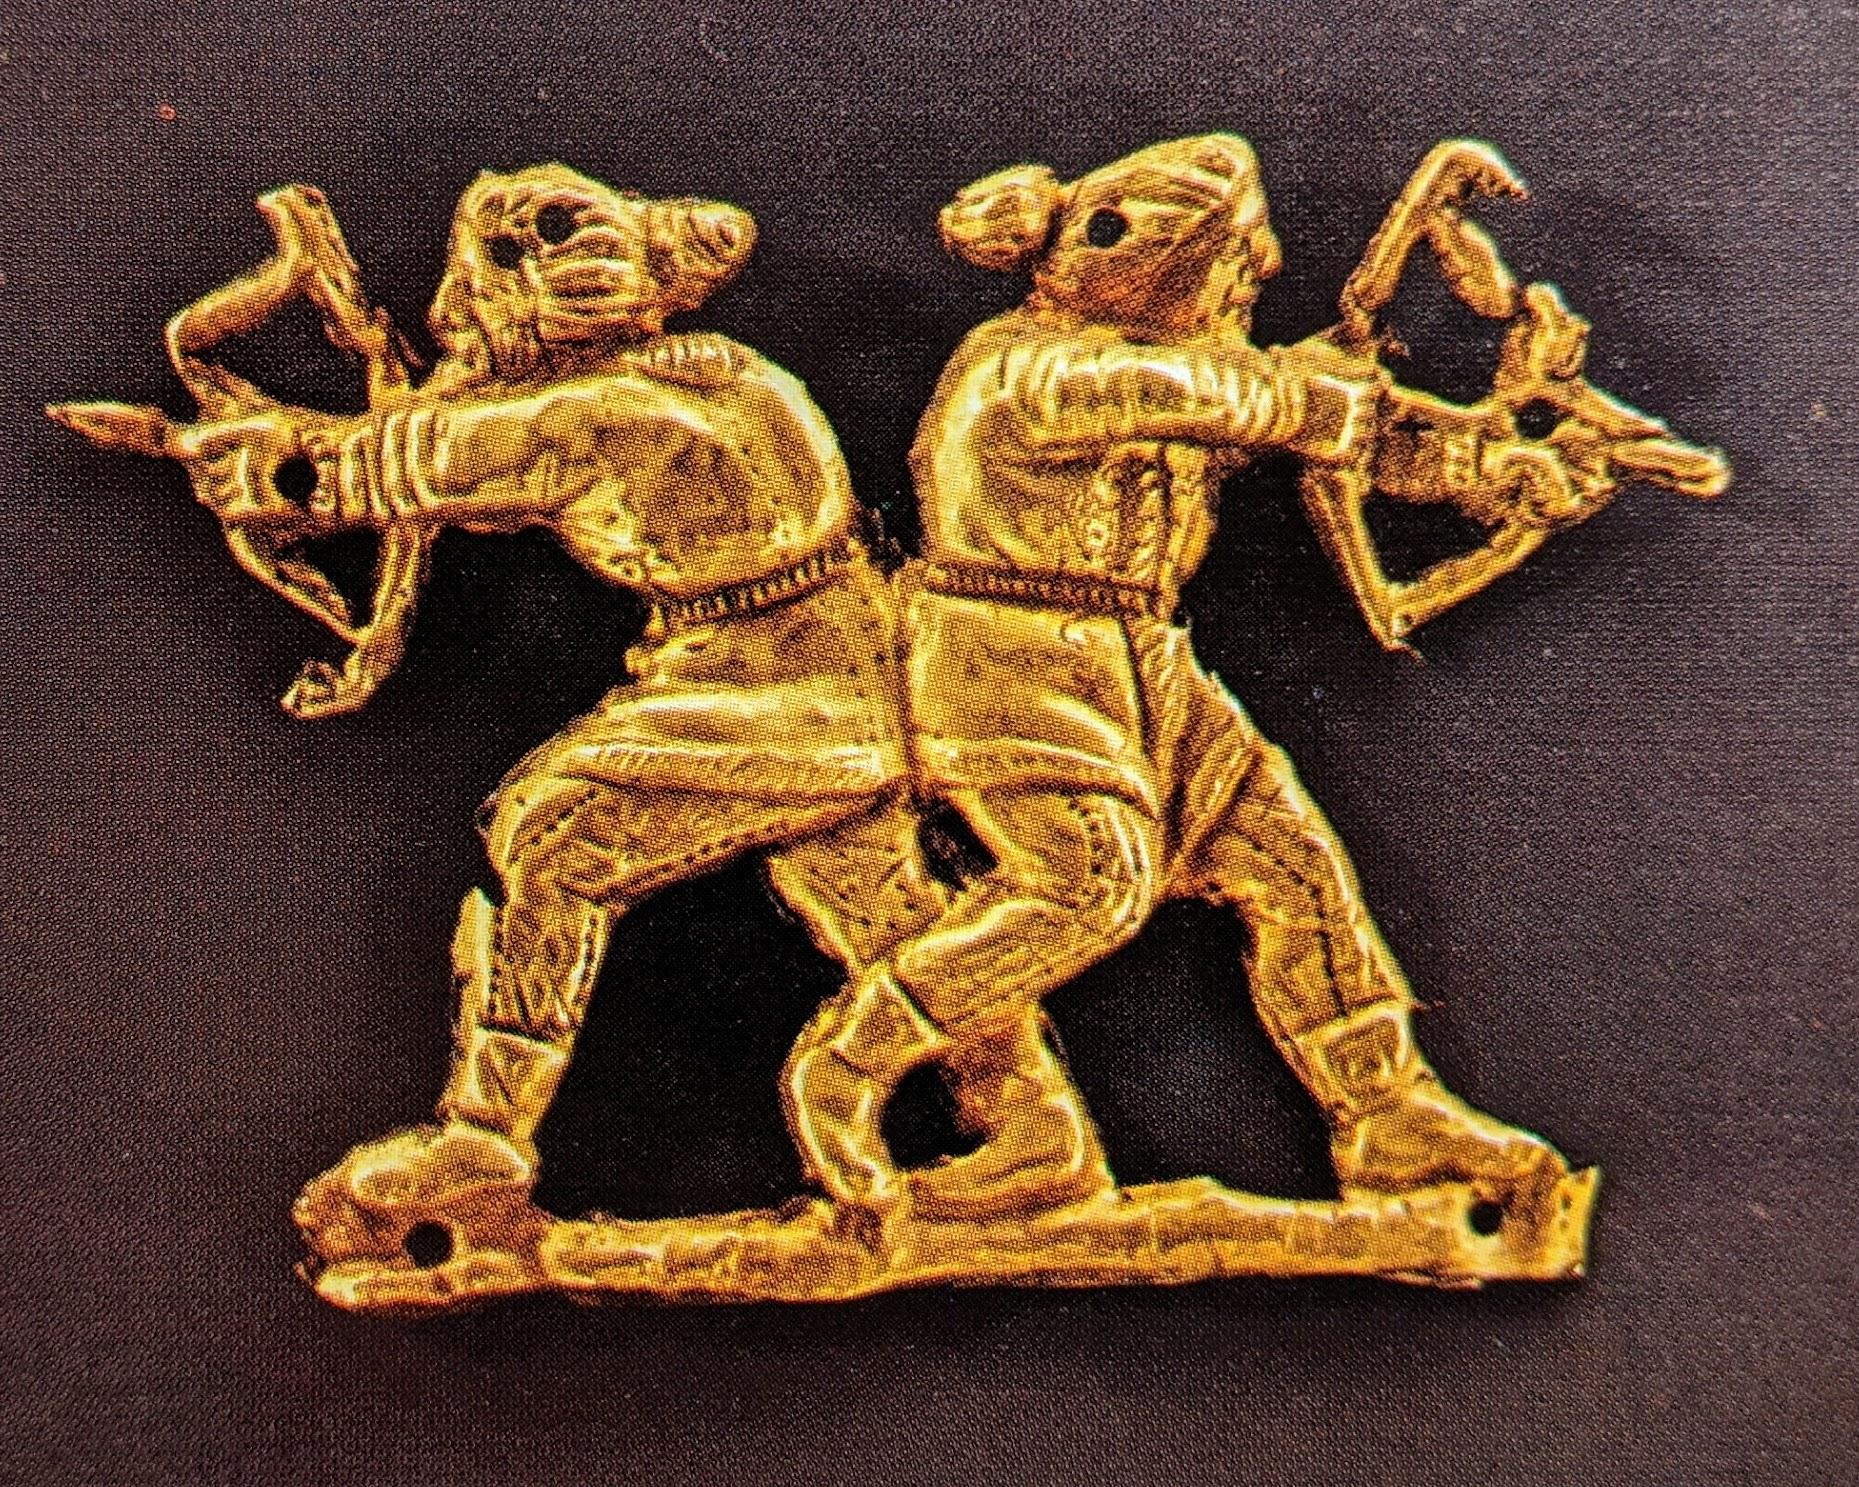 Two archers gold applique plaque